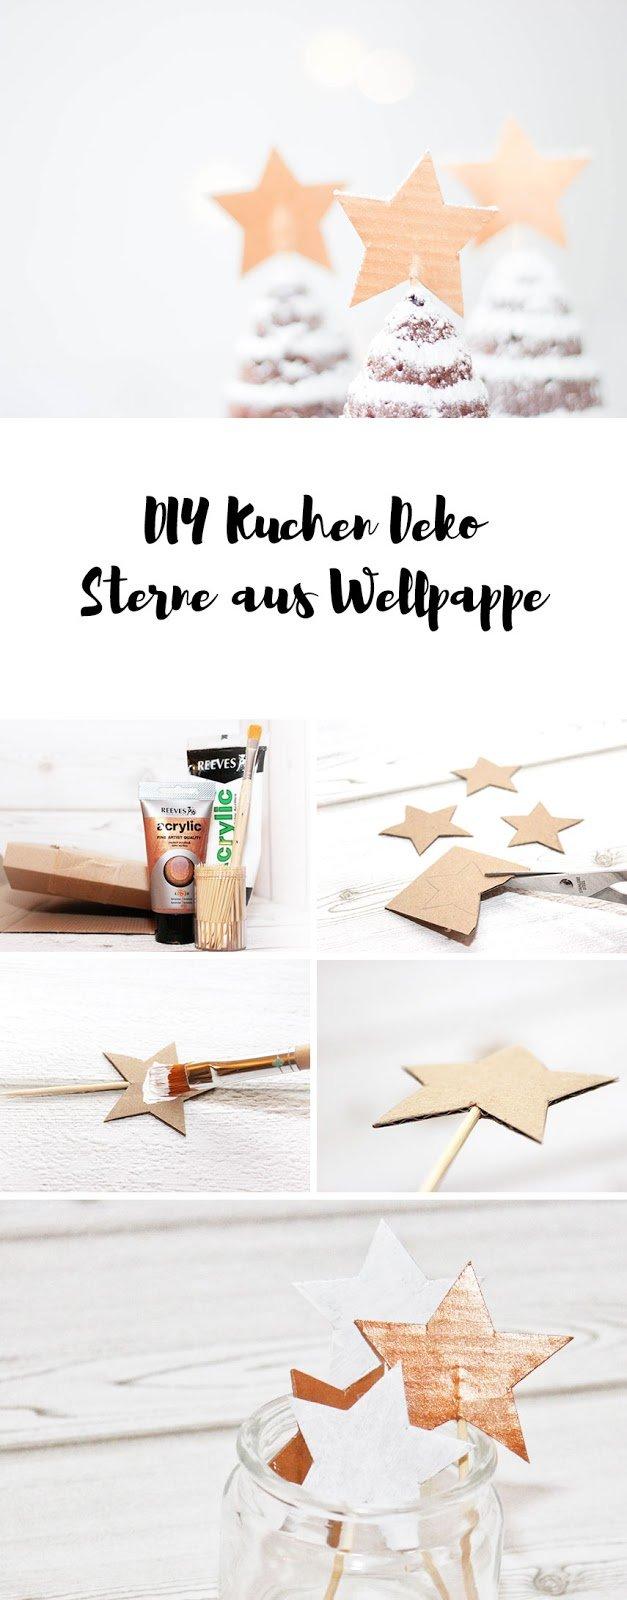 Kuchendeko Sterne aus Wellpappe basteln | Upcycling für Weihnachten